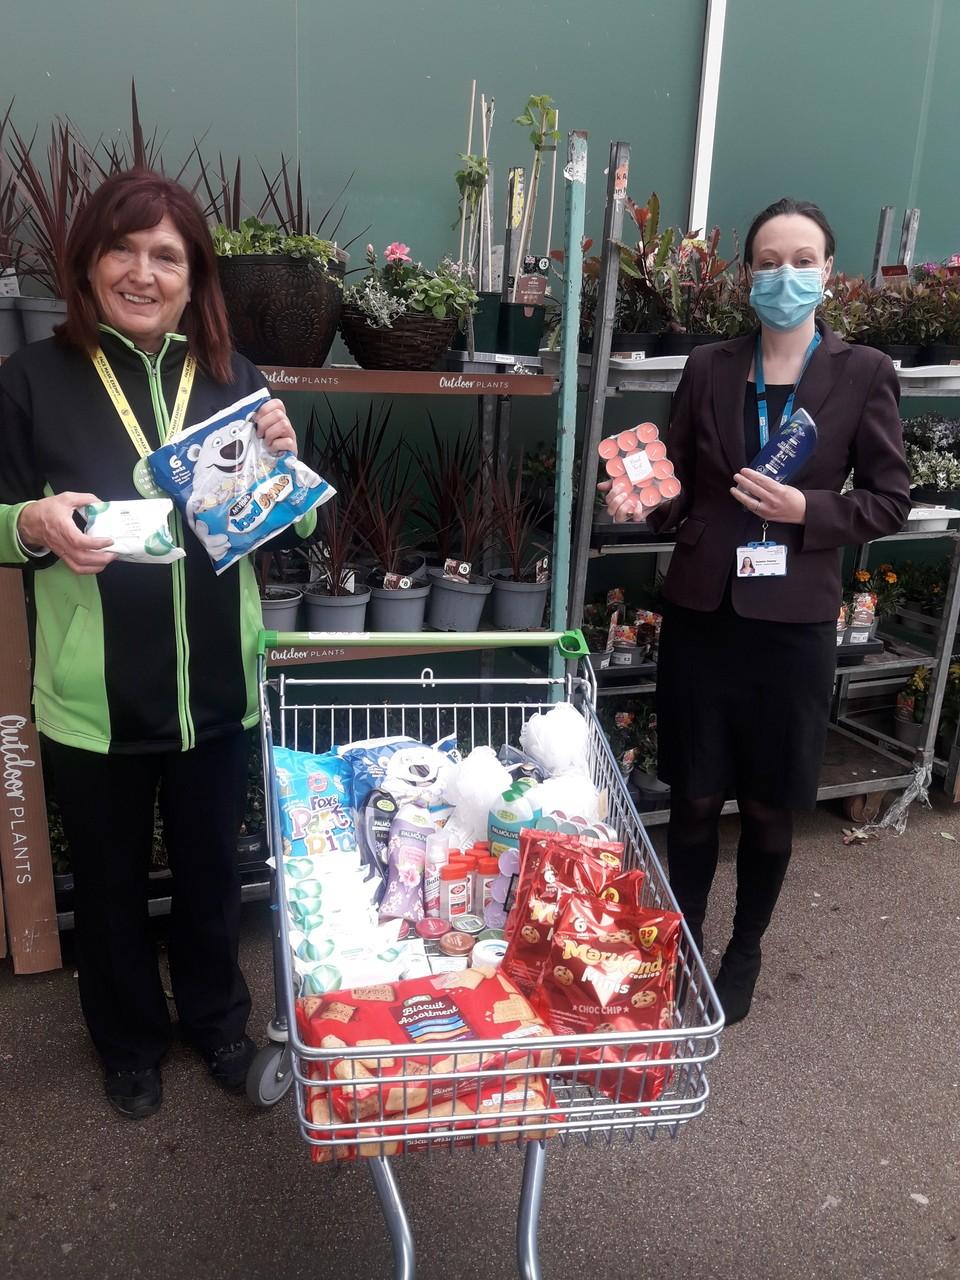 Asda Poole donation | Asda Poole